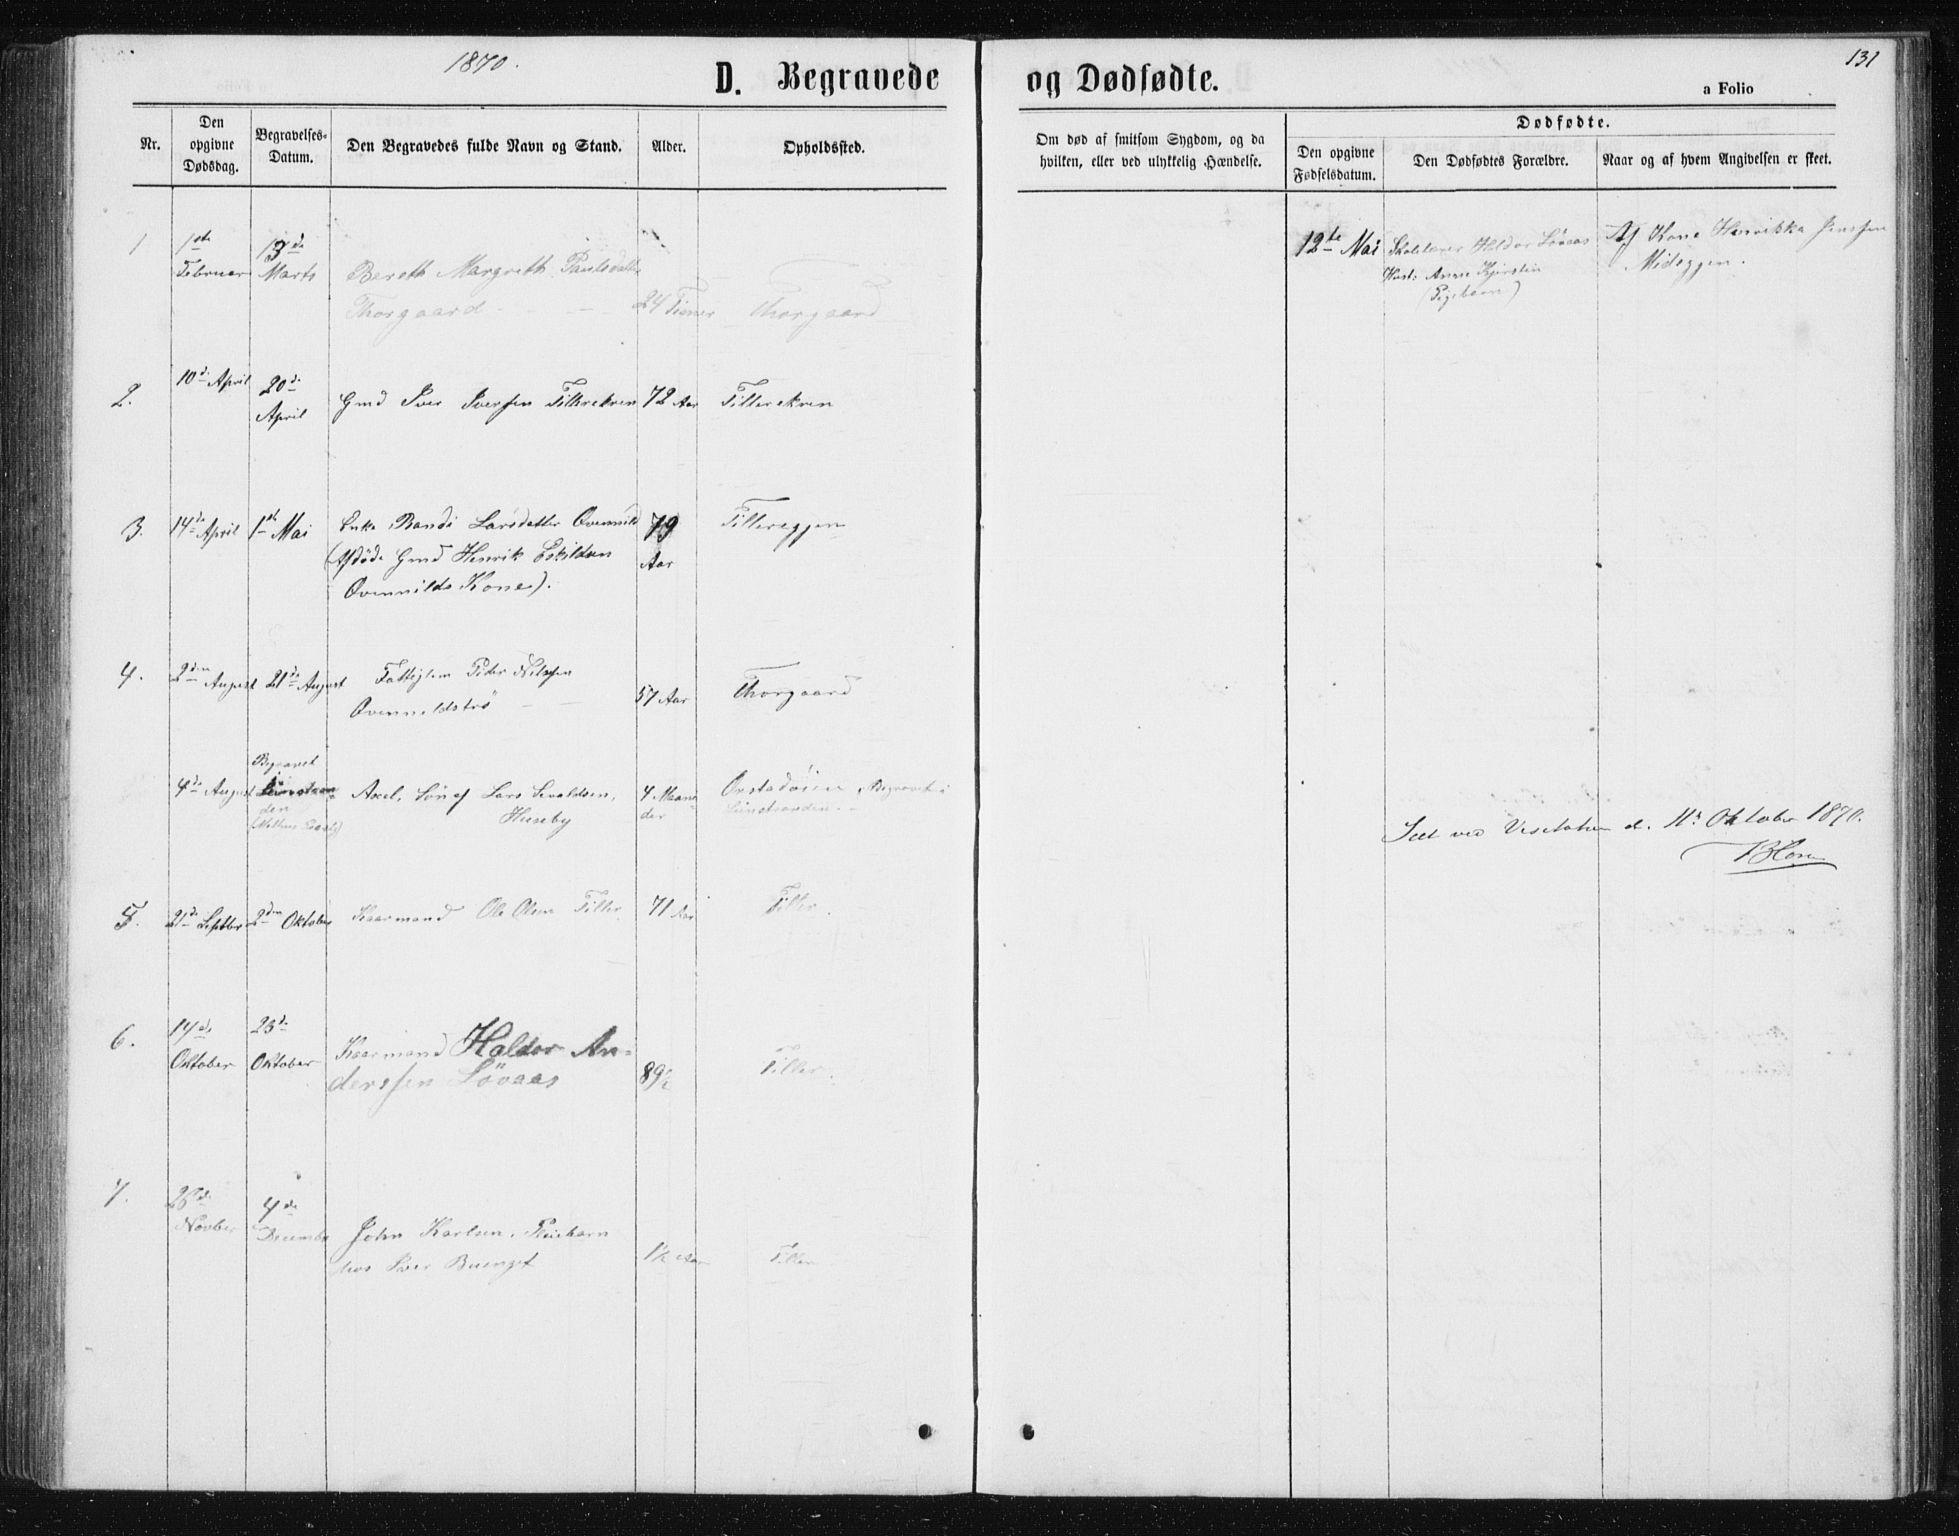 SAT, Ministerialprotokoller, klokkerbøker og fødselsregistre - Sør-Trøndelag, 621/L0459: Klokkerbok nr. 621C02, 1866-1895, s. 131